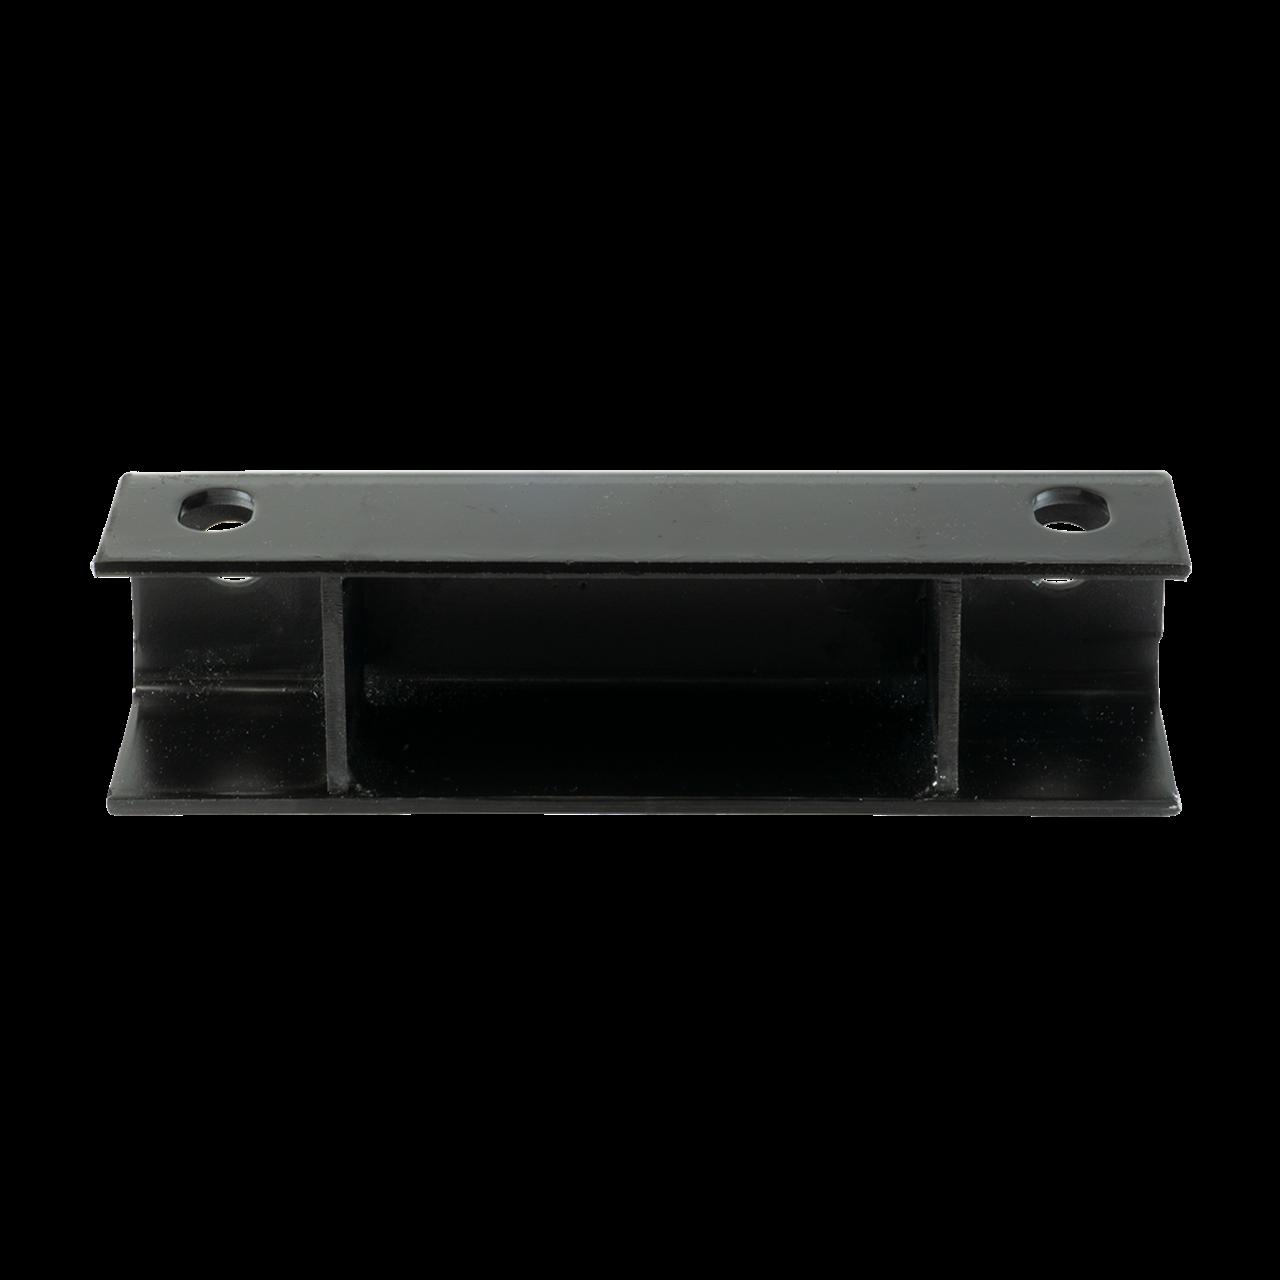 K71-707-02--- Dexter Torflex Lift Kit #10 Torflex Axles